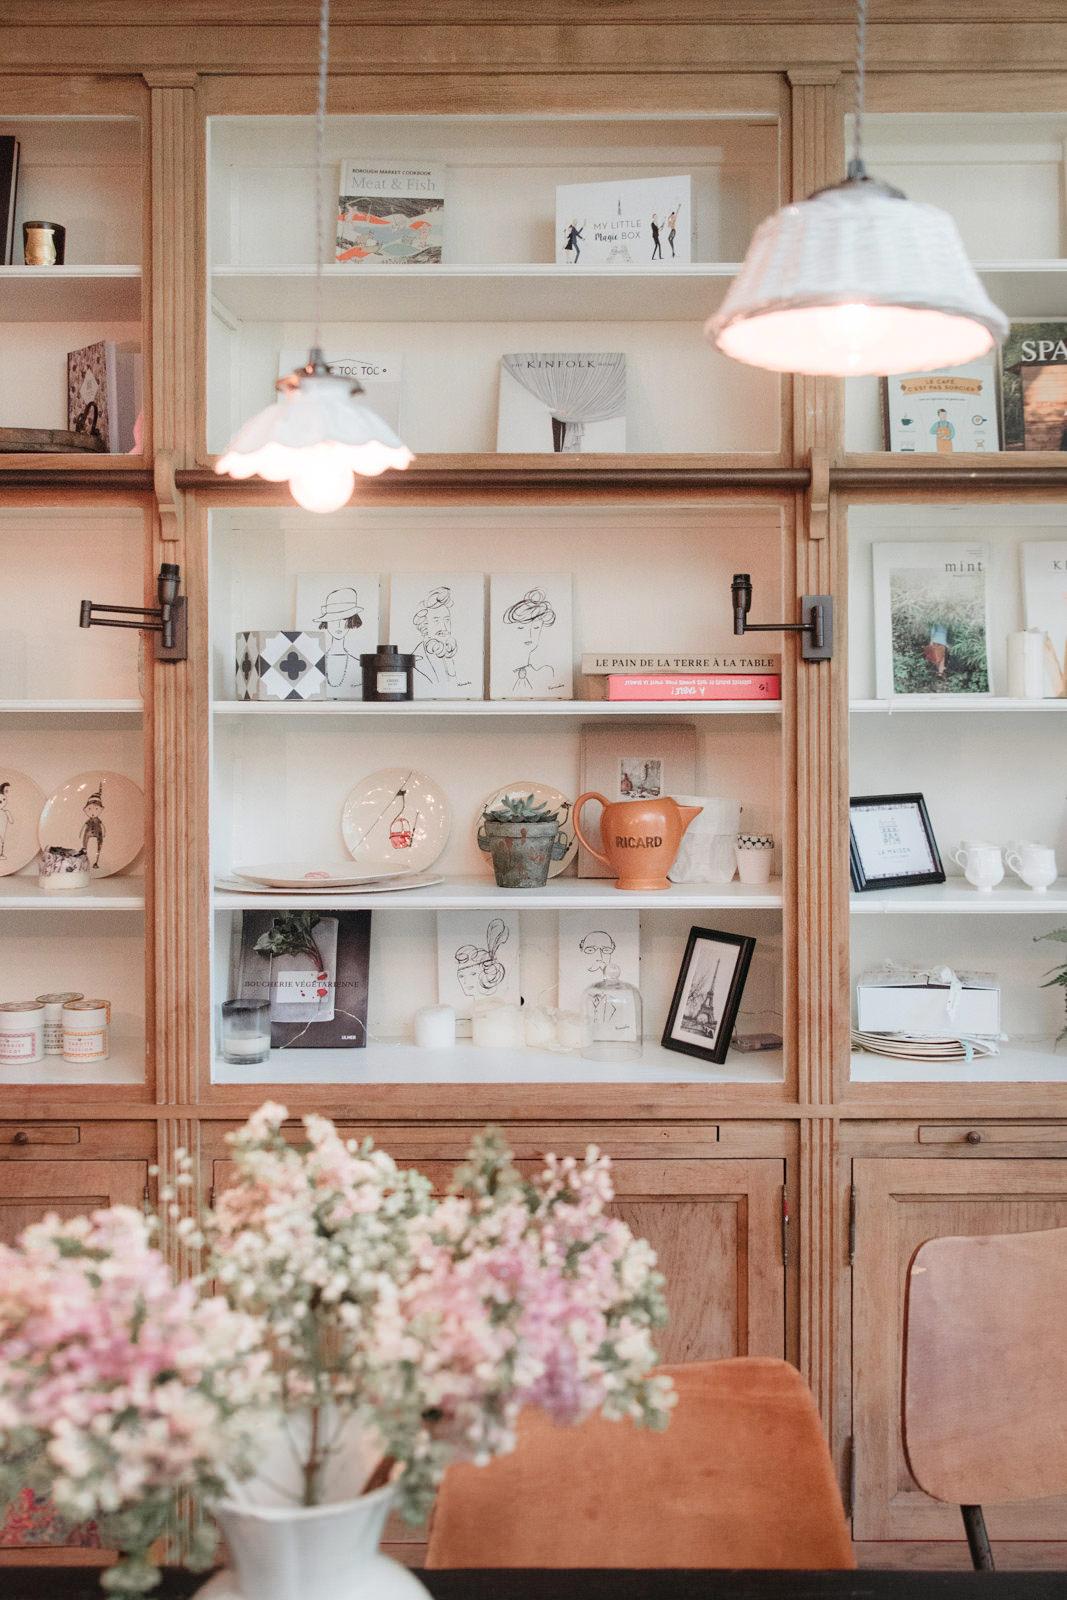 Blog-Mode-And-The-City-Lifestyle-Maison-Montmartre-My-Little-Paris-2